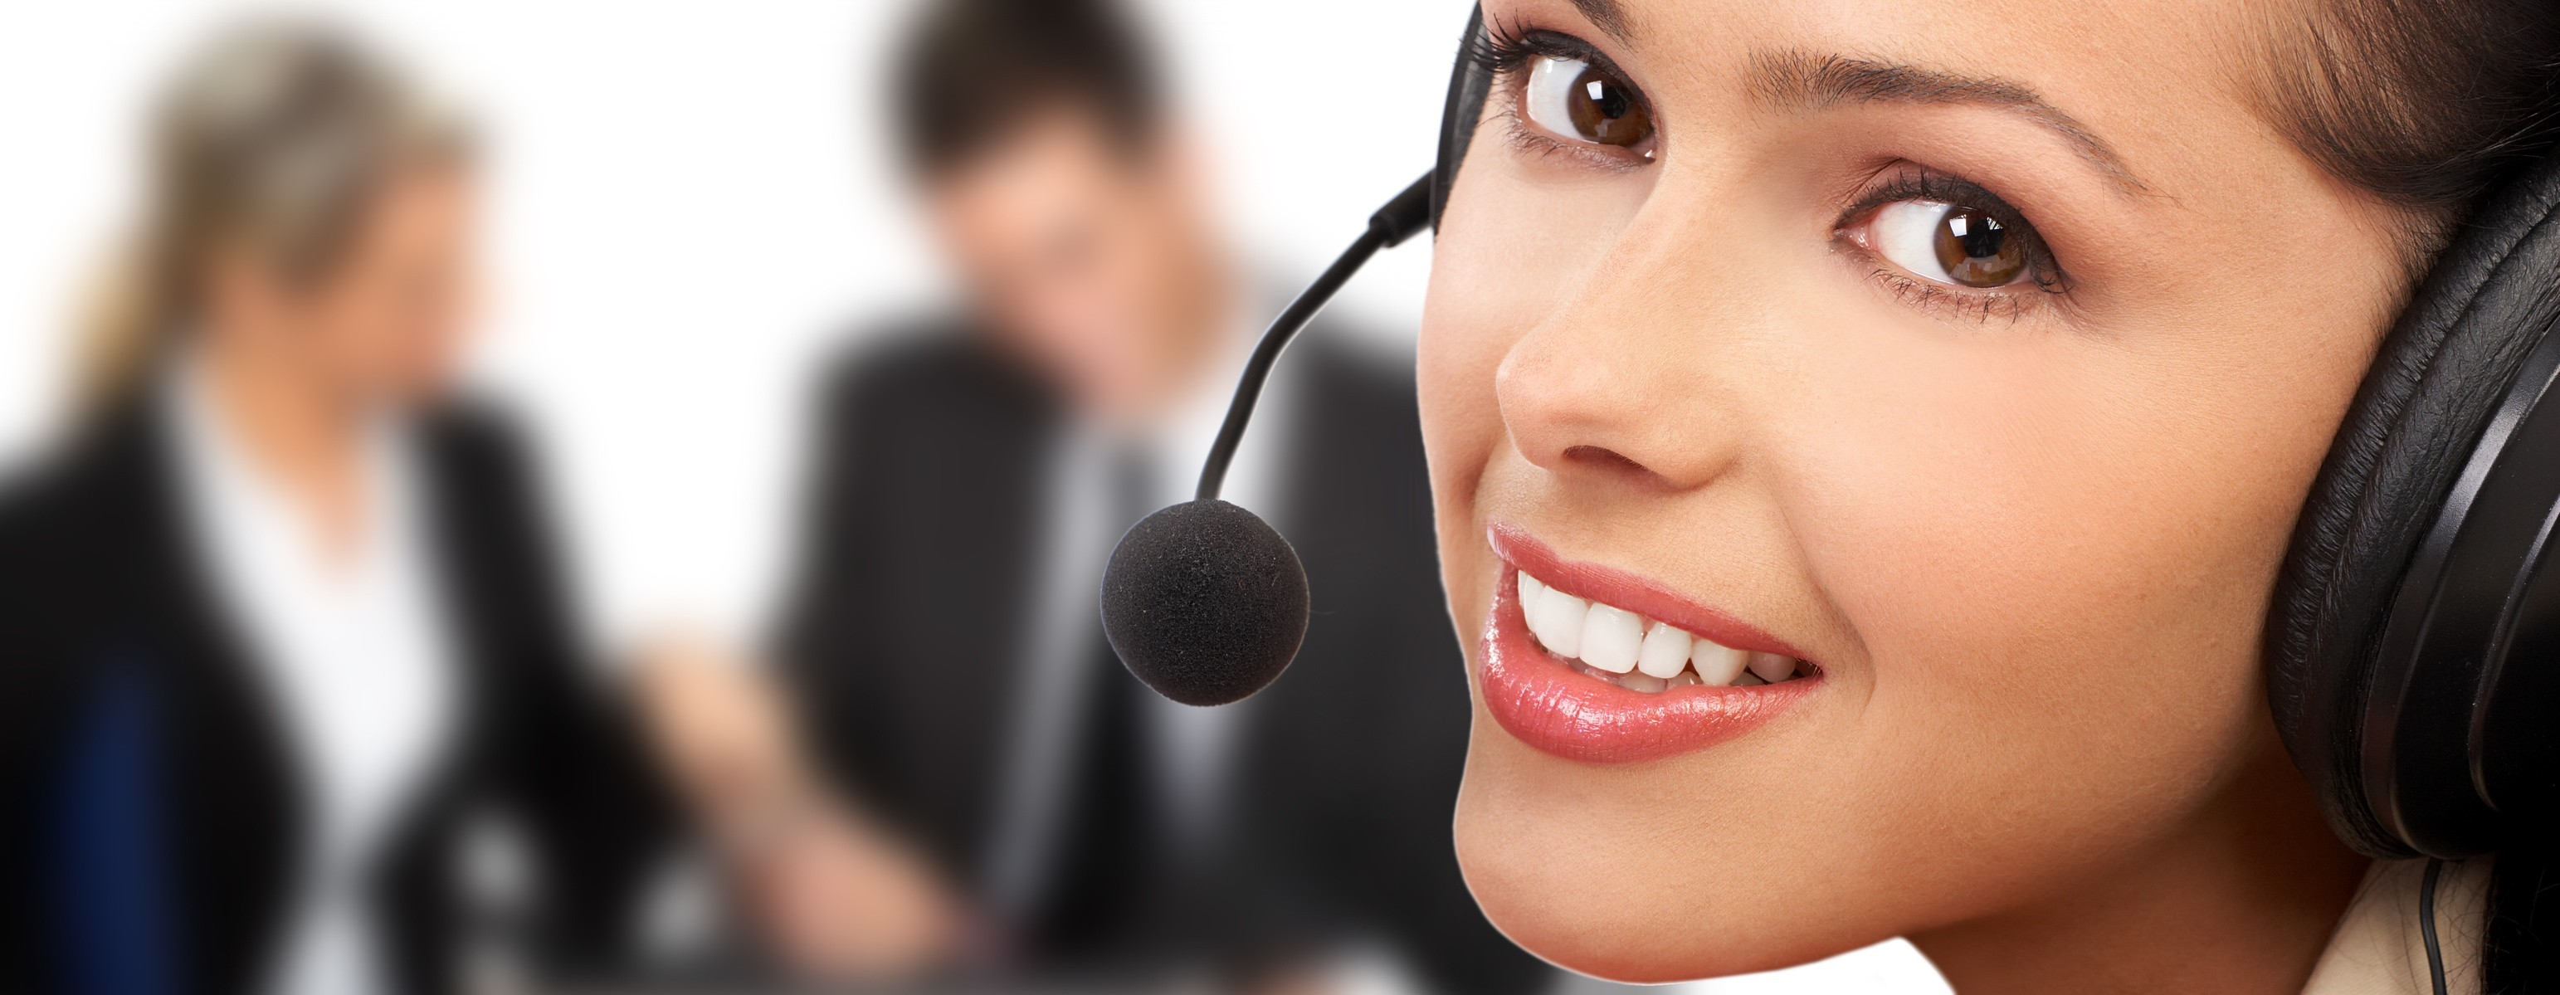 Choisir un interprète de liaison